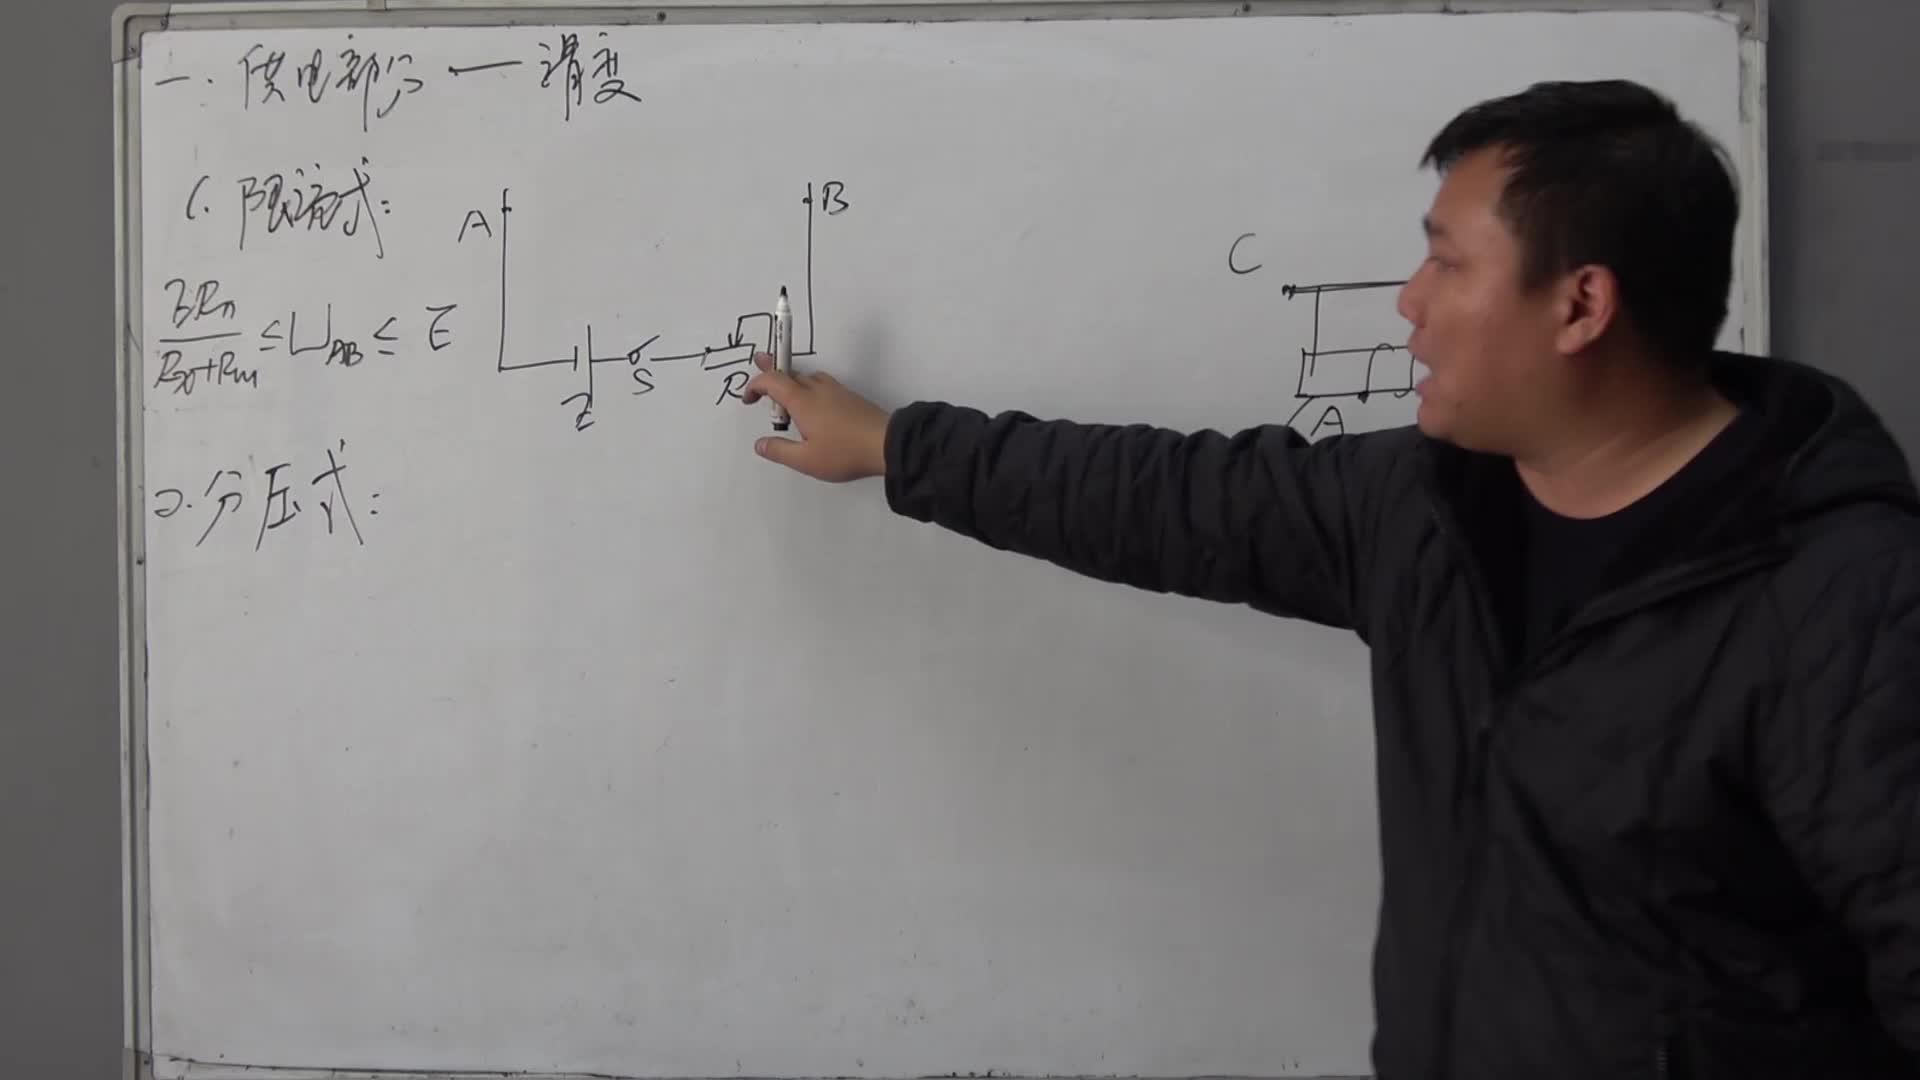 2019年高三物理复习-秒画分压式-电学实验-视频微课堂